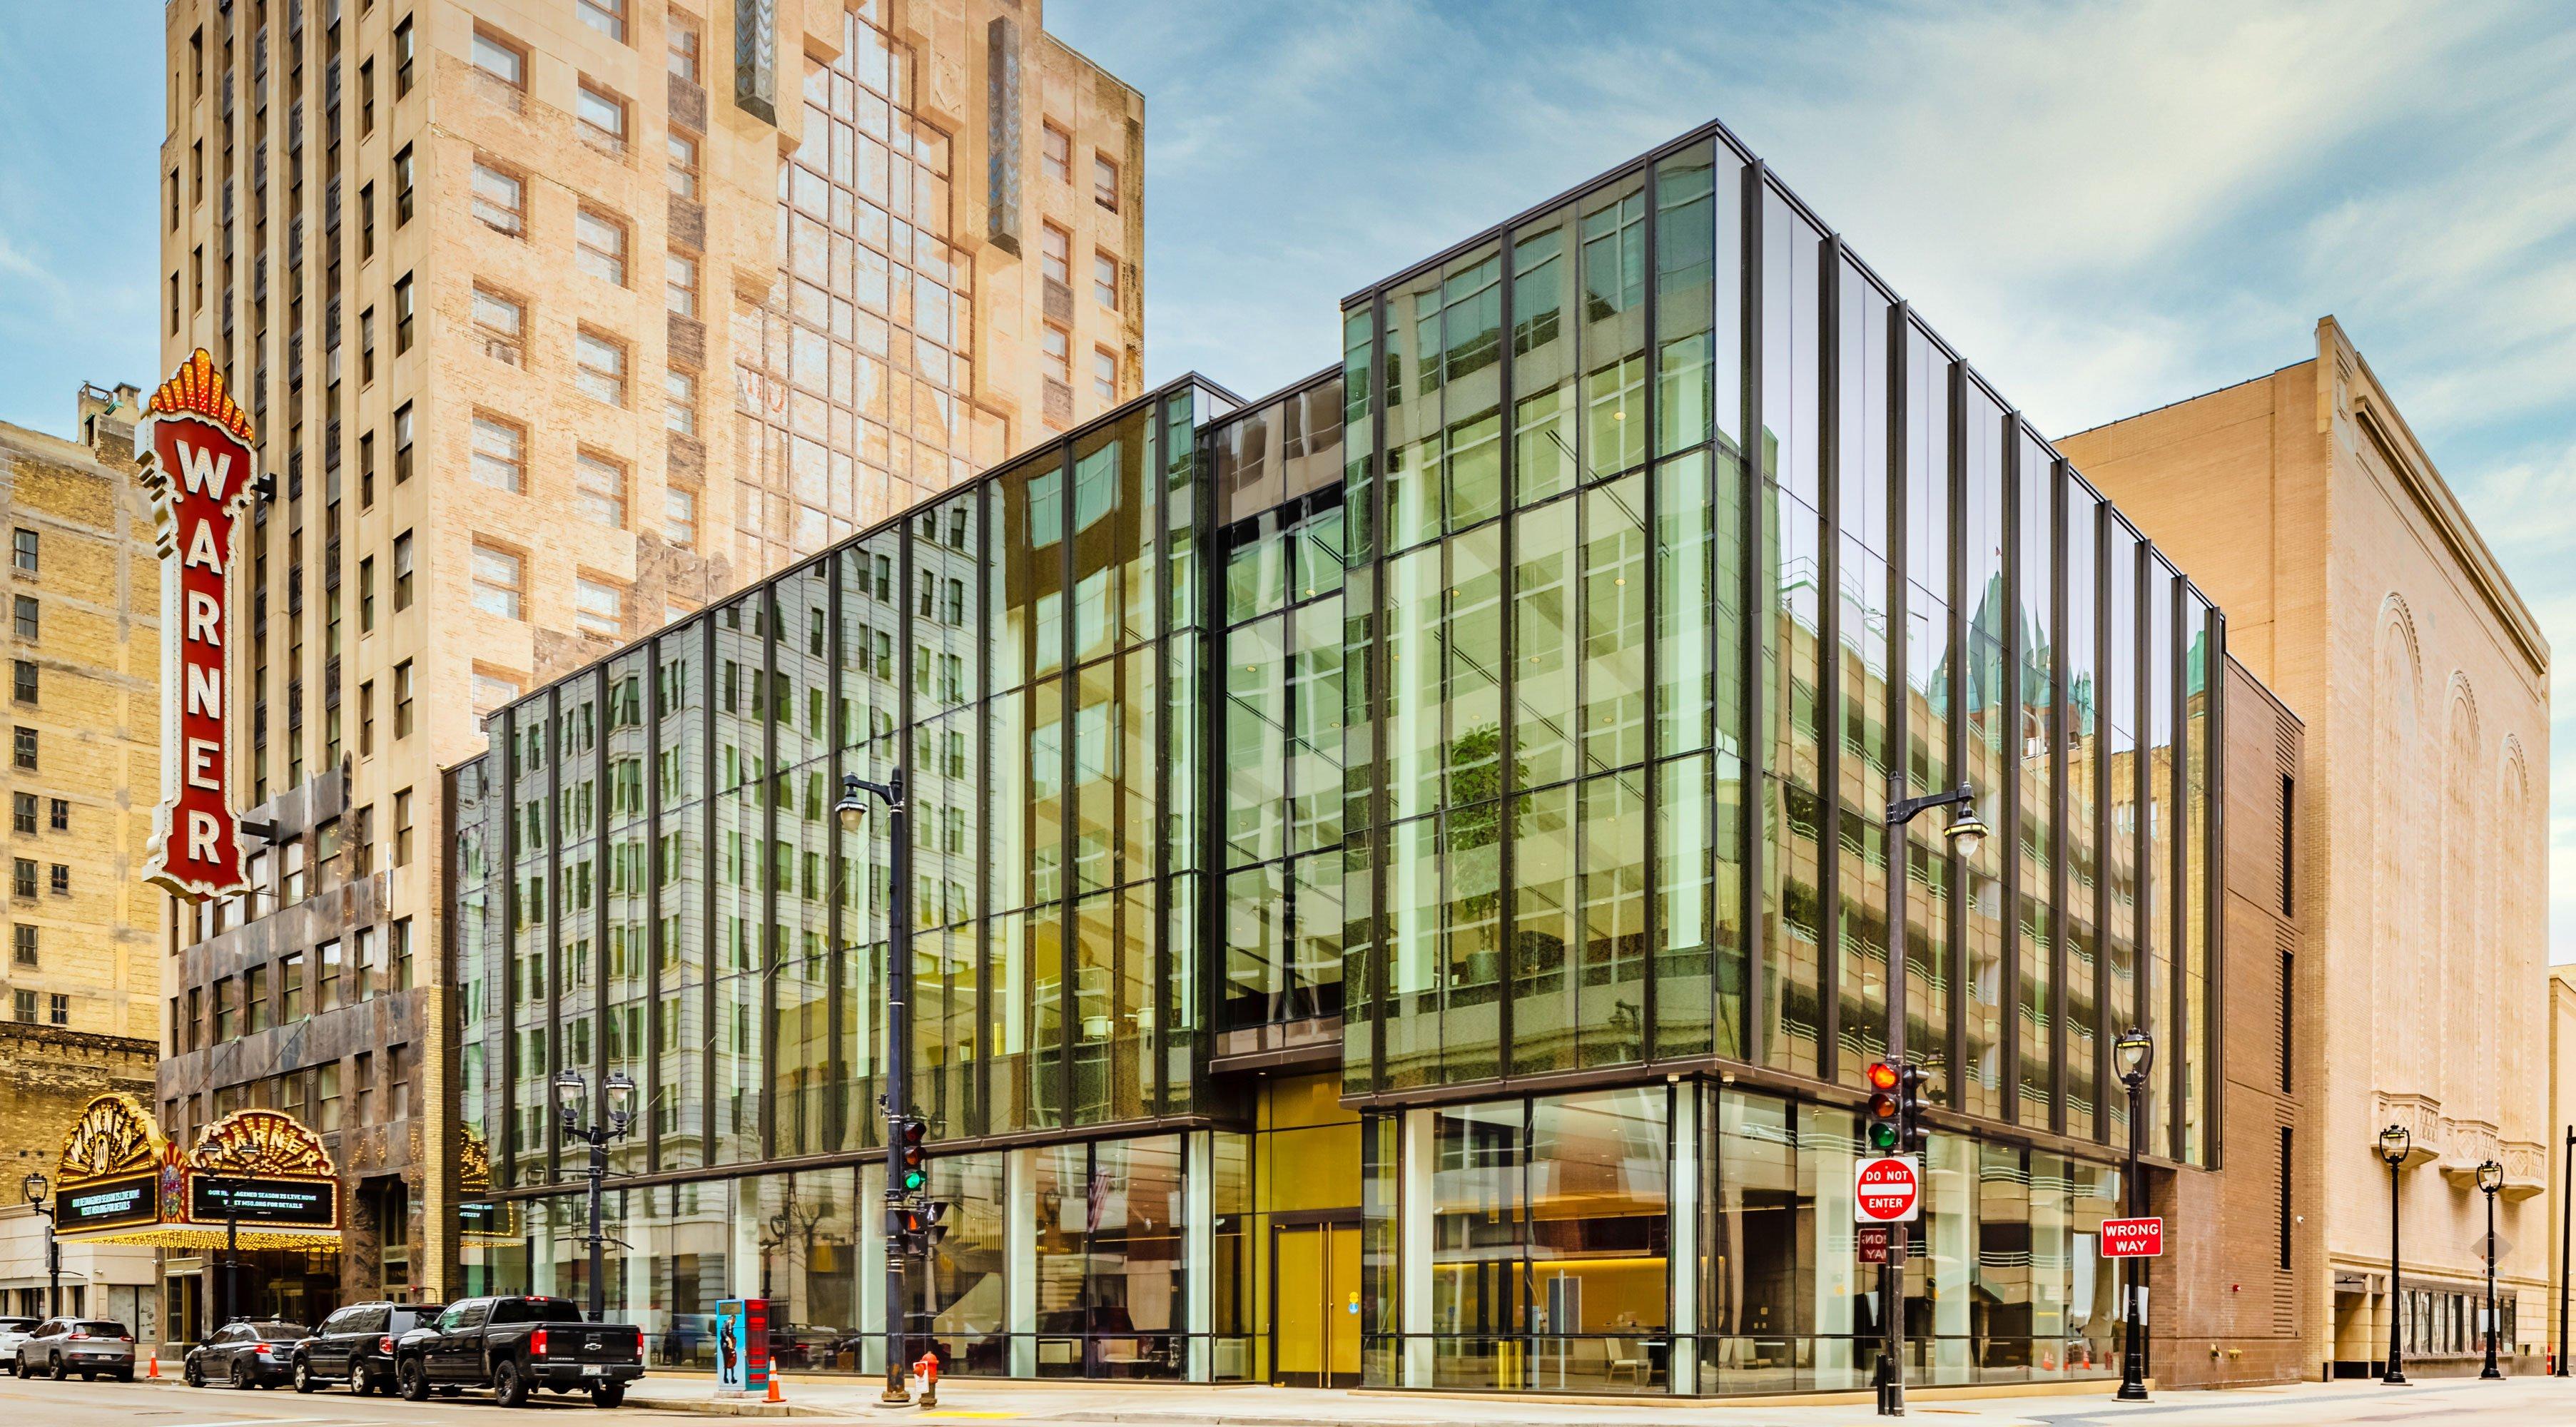 Bradley Symphony Center of Milwaukee Symphony Orchestra